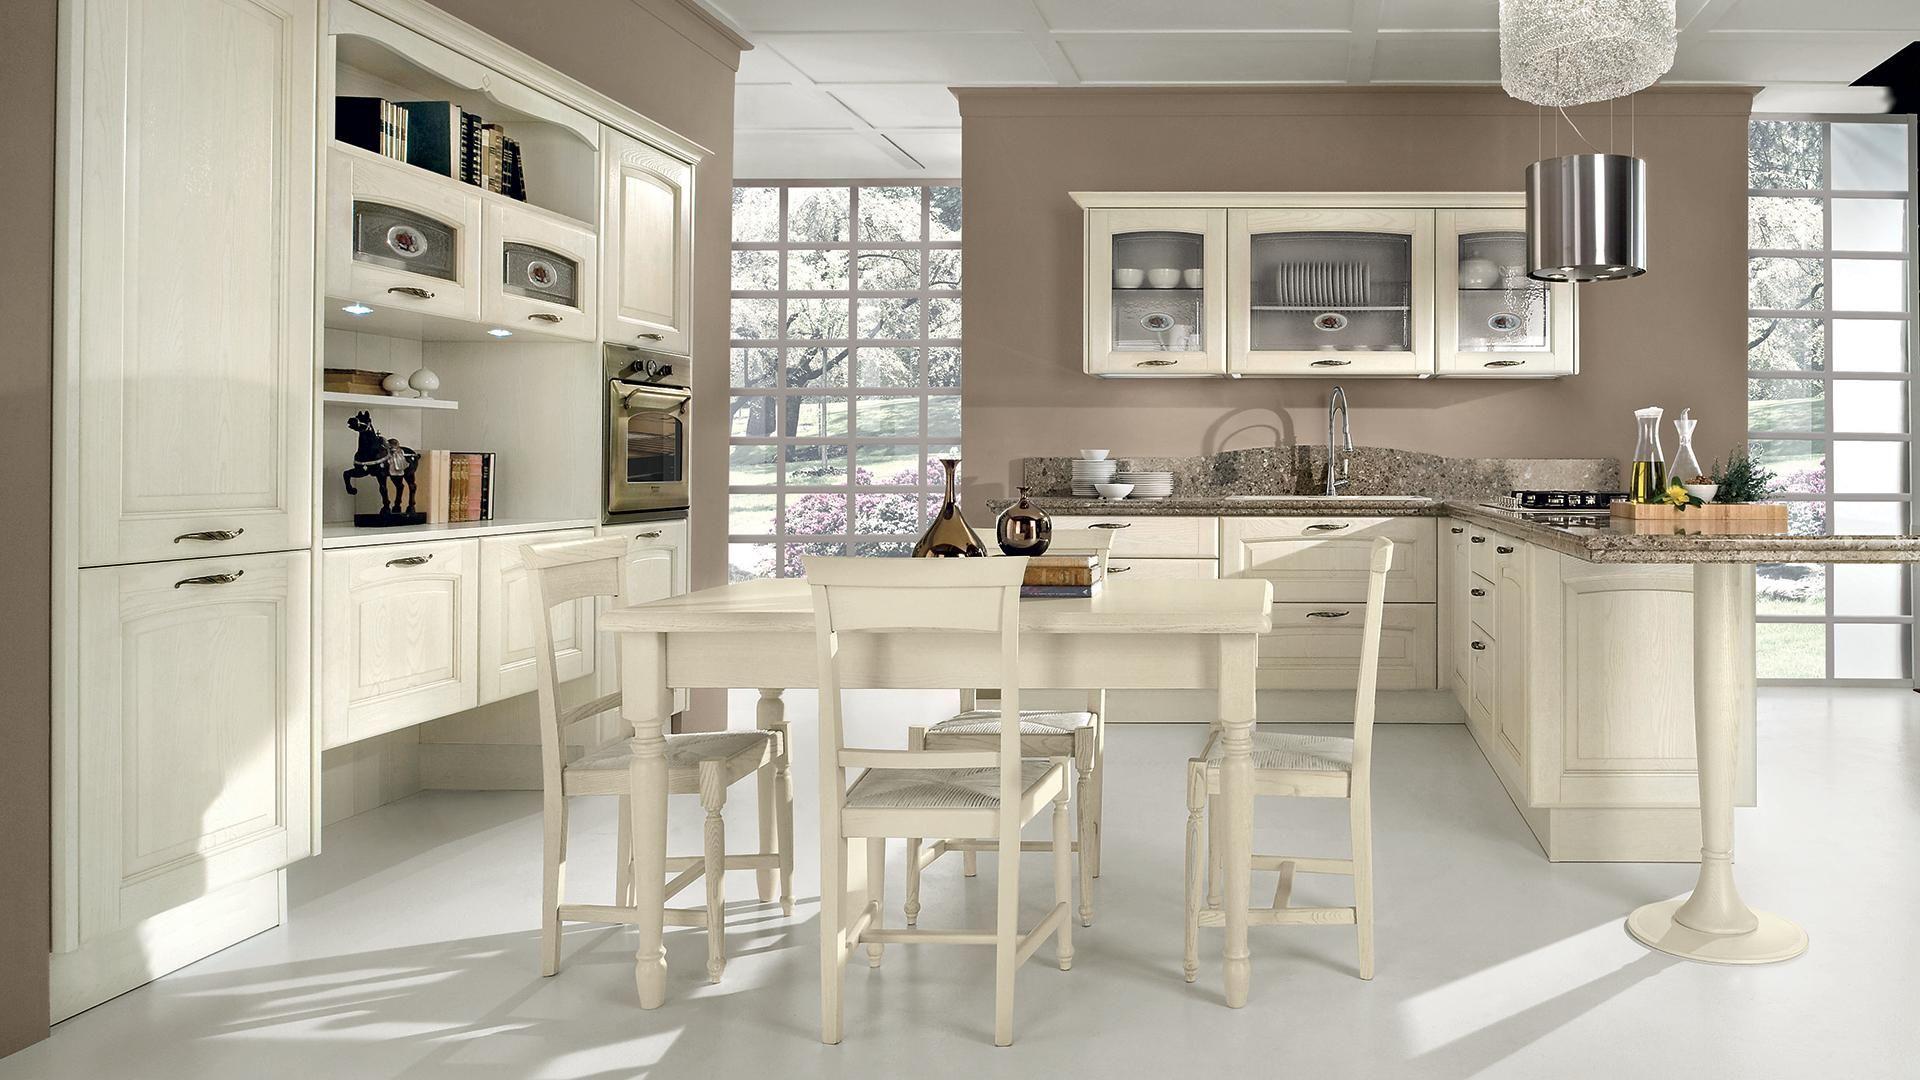 Veronica - Cucine Classiche - Cucine Lube | Progetti da provare ...